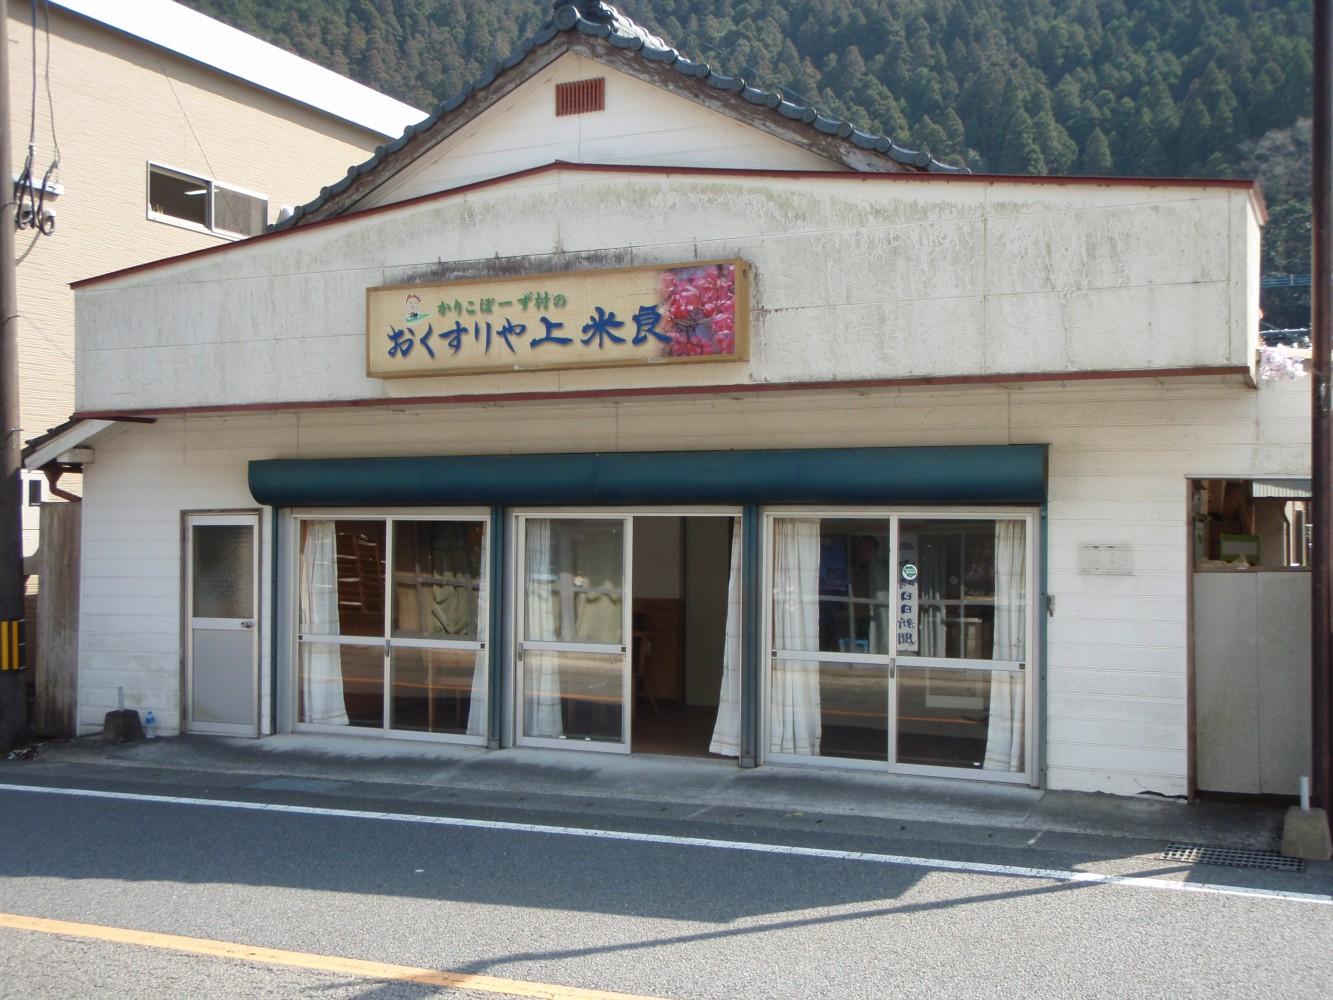 村の商店街にある空き店舗